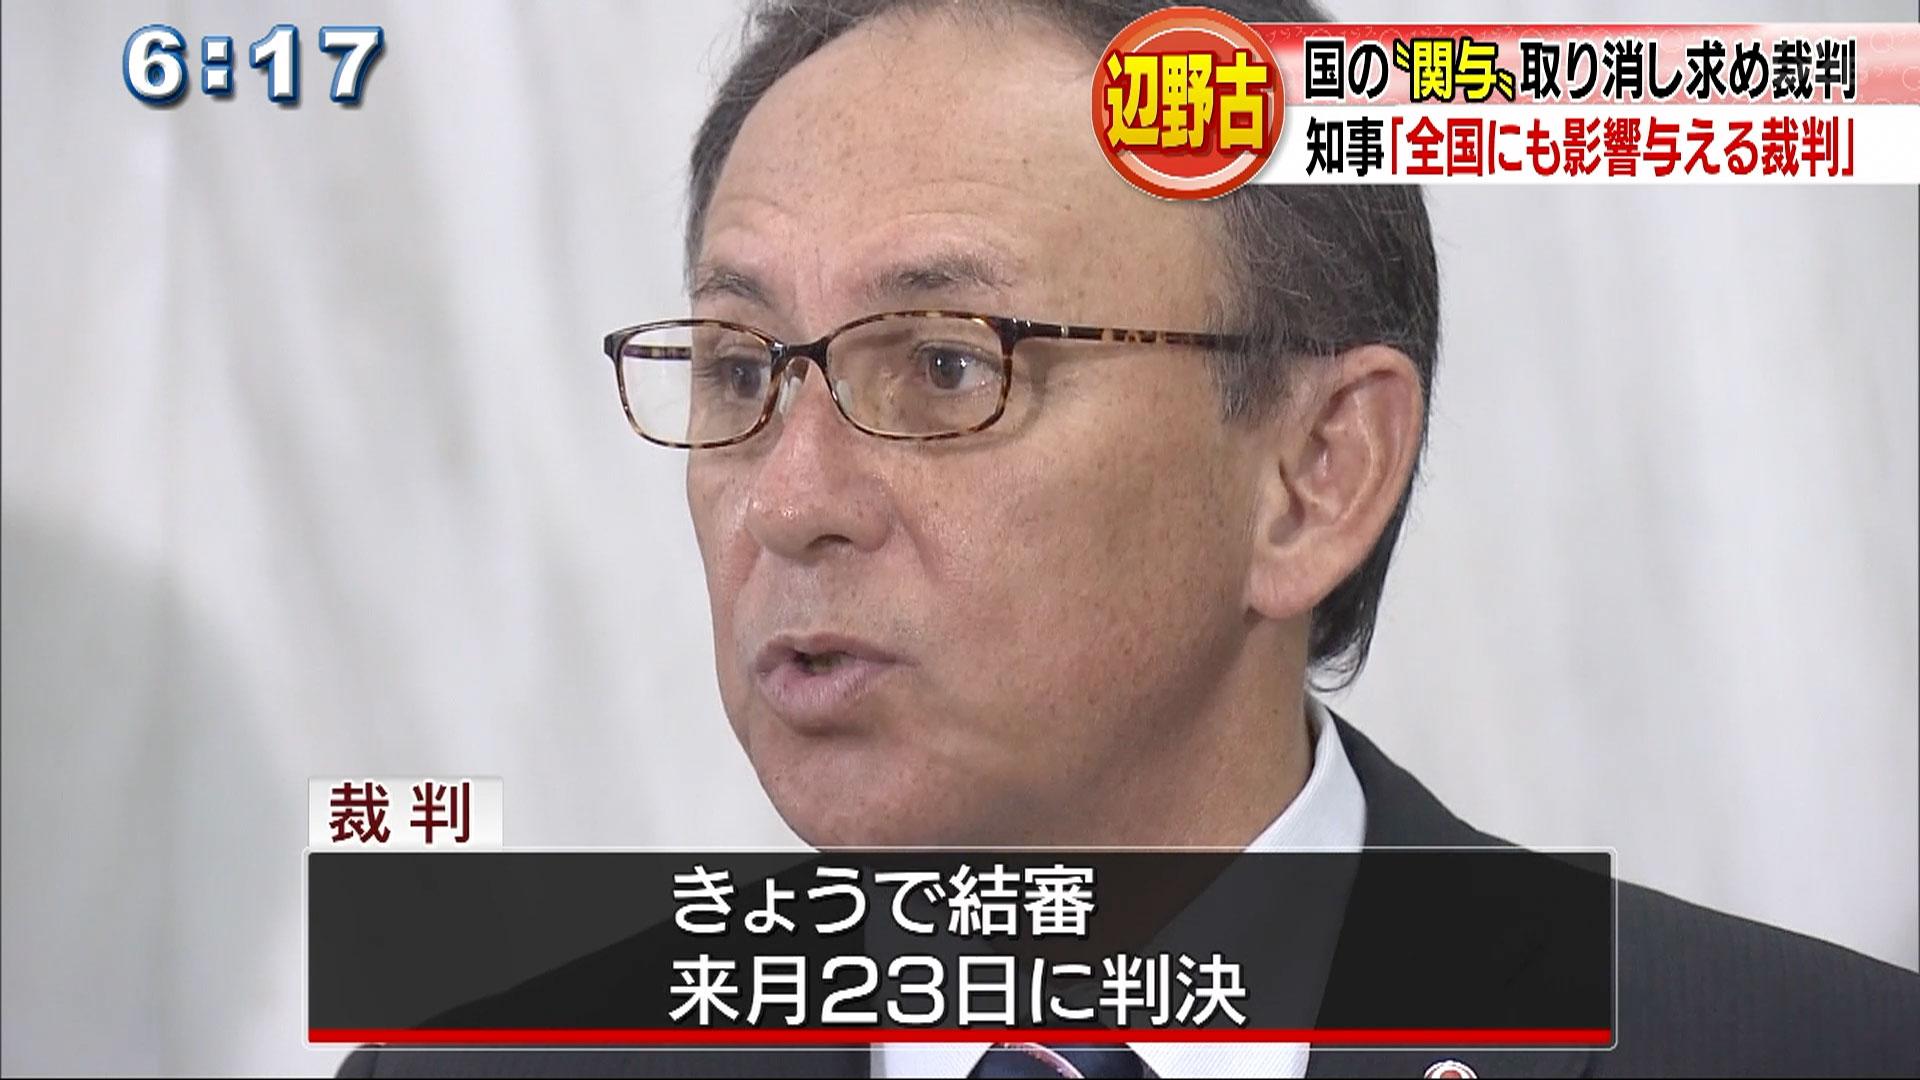 辺野古訴訟 玉城知事が意見陳述